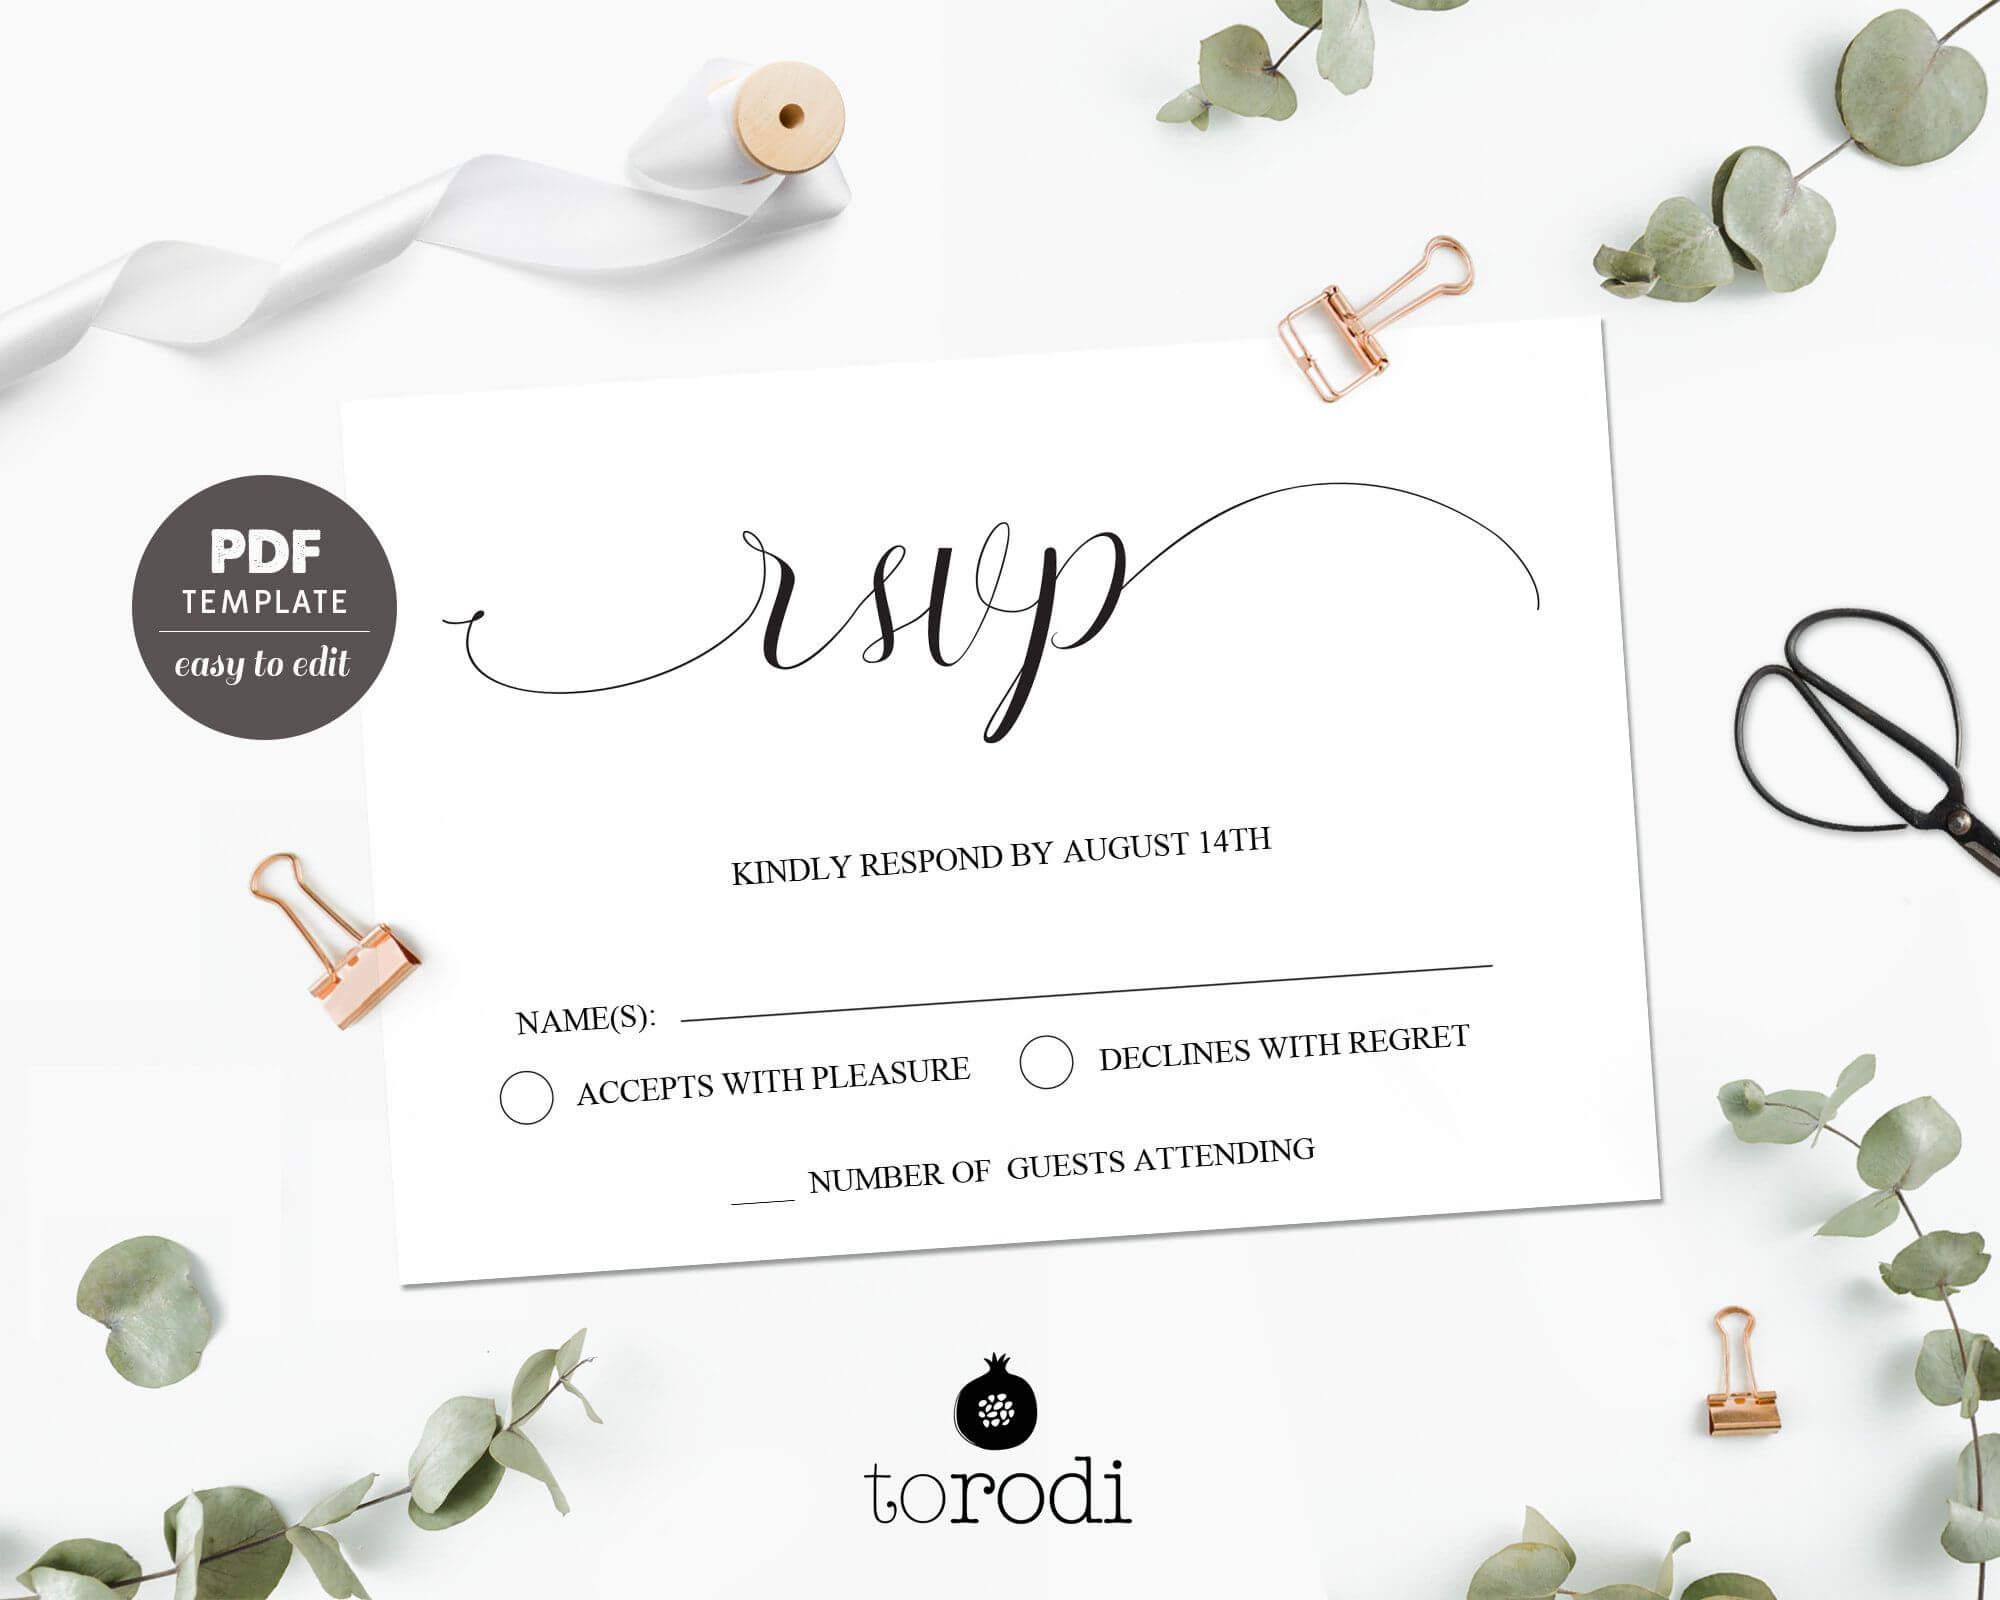 Rsvp Card Template. Wedding Rsvp Cards. Rsvp Postcard With Free Printable Wedding Rsvp Card Templates